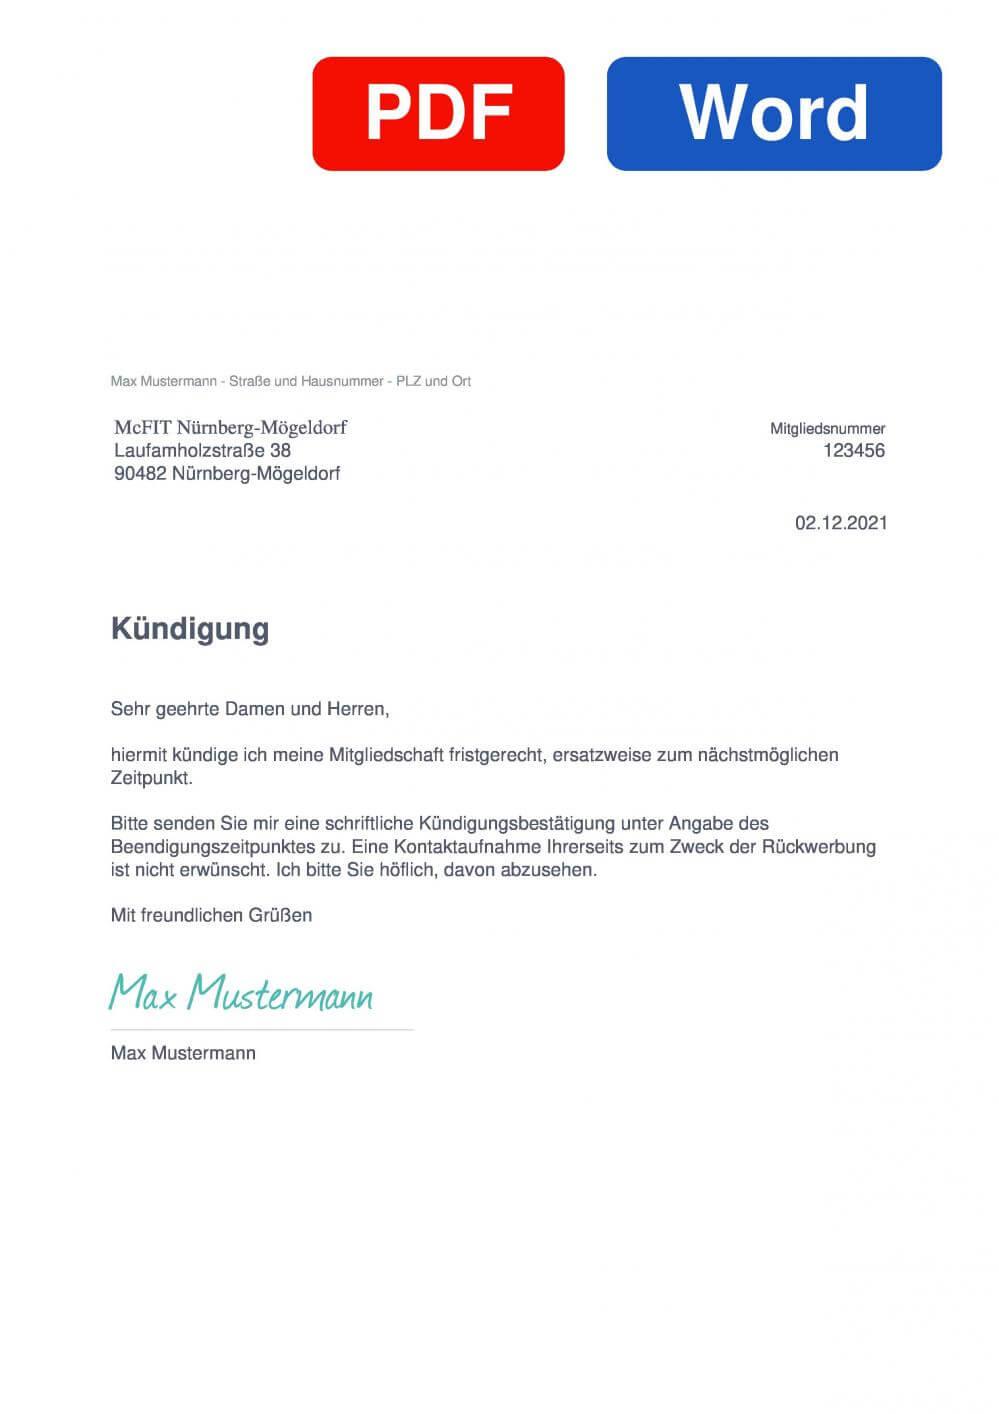 McFIT Nürnberg-Mögeldorf Muster Vorlage für Kündigungsschreiben